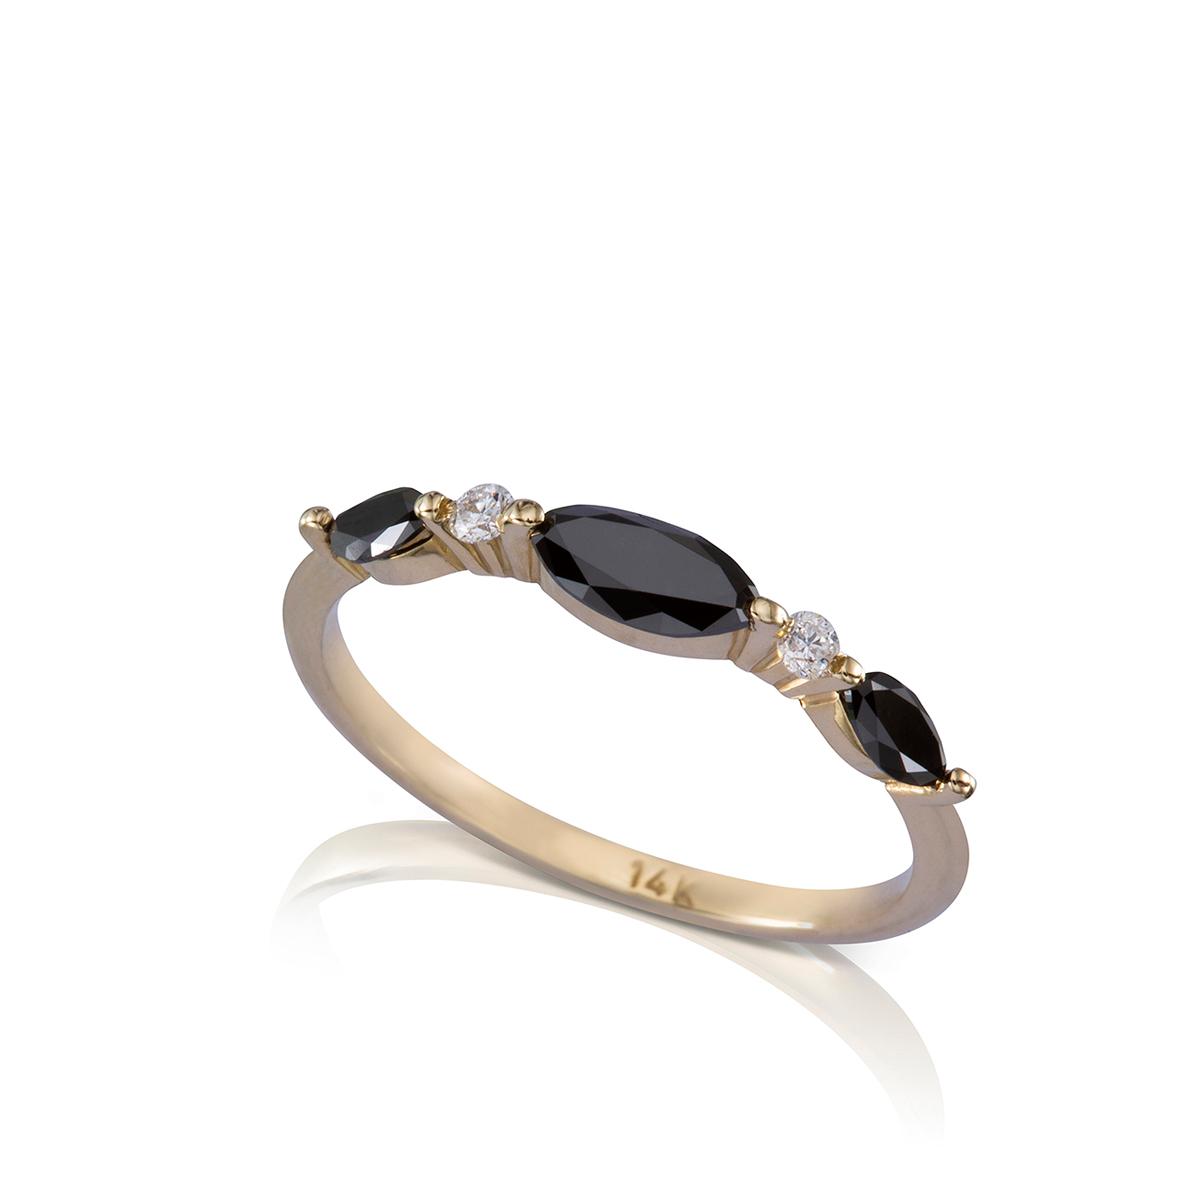 טבעת יהלומים שחורים בחיתוך מרקיזה ויהלומים לבנים עגולים